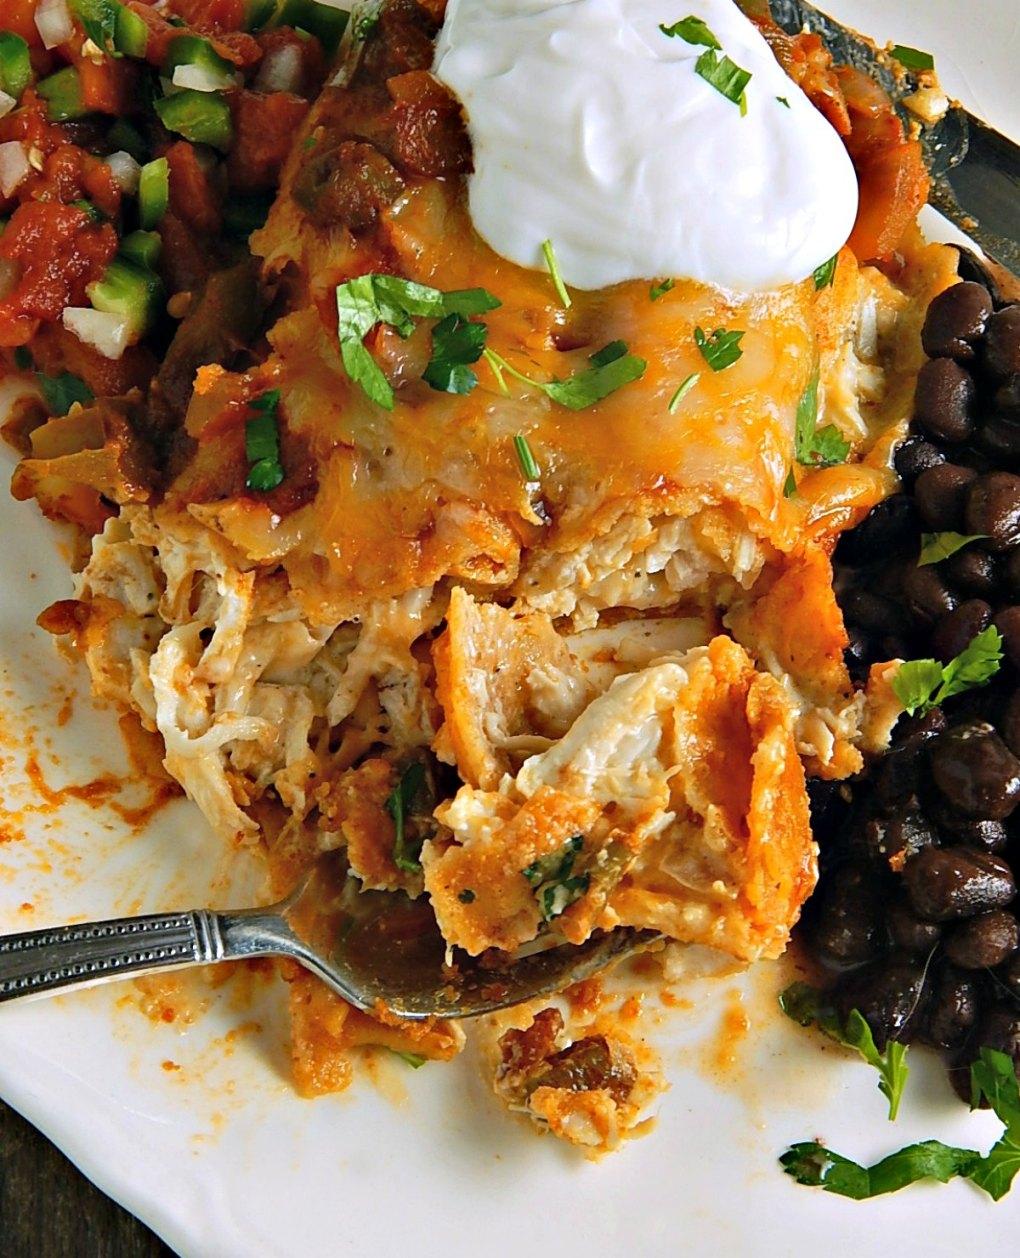 Chicken or Turkey Enchiladas with Ranchero Sauce